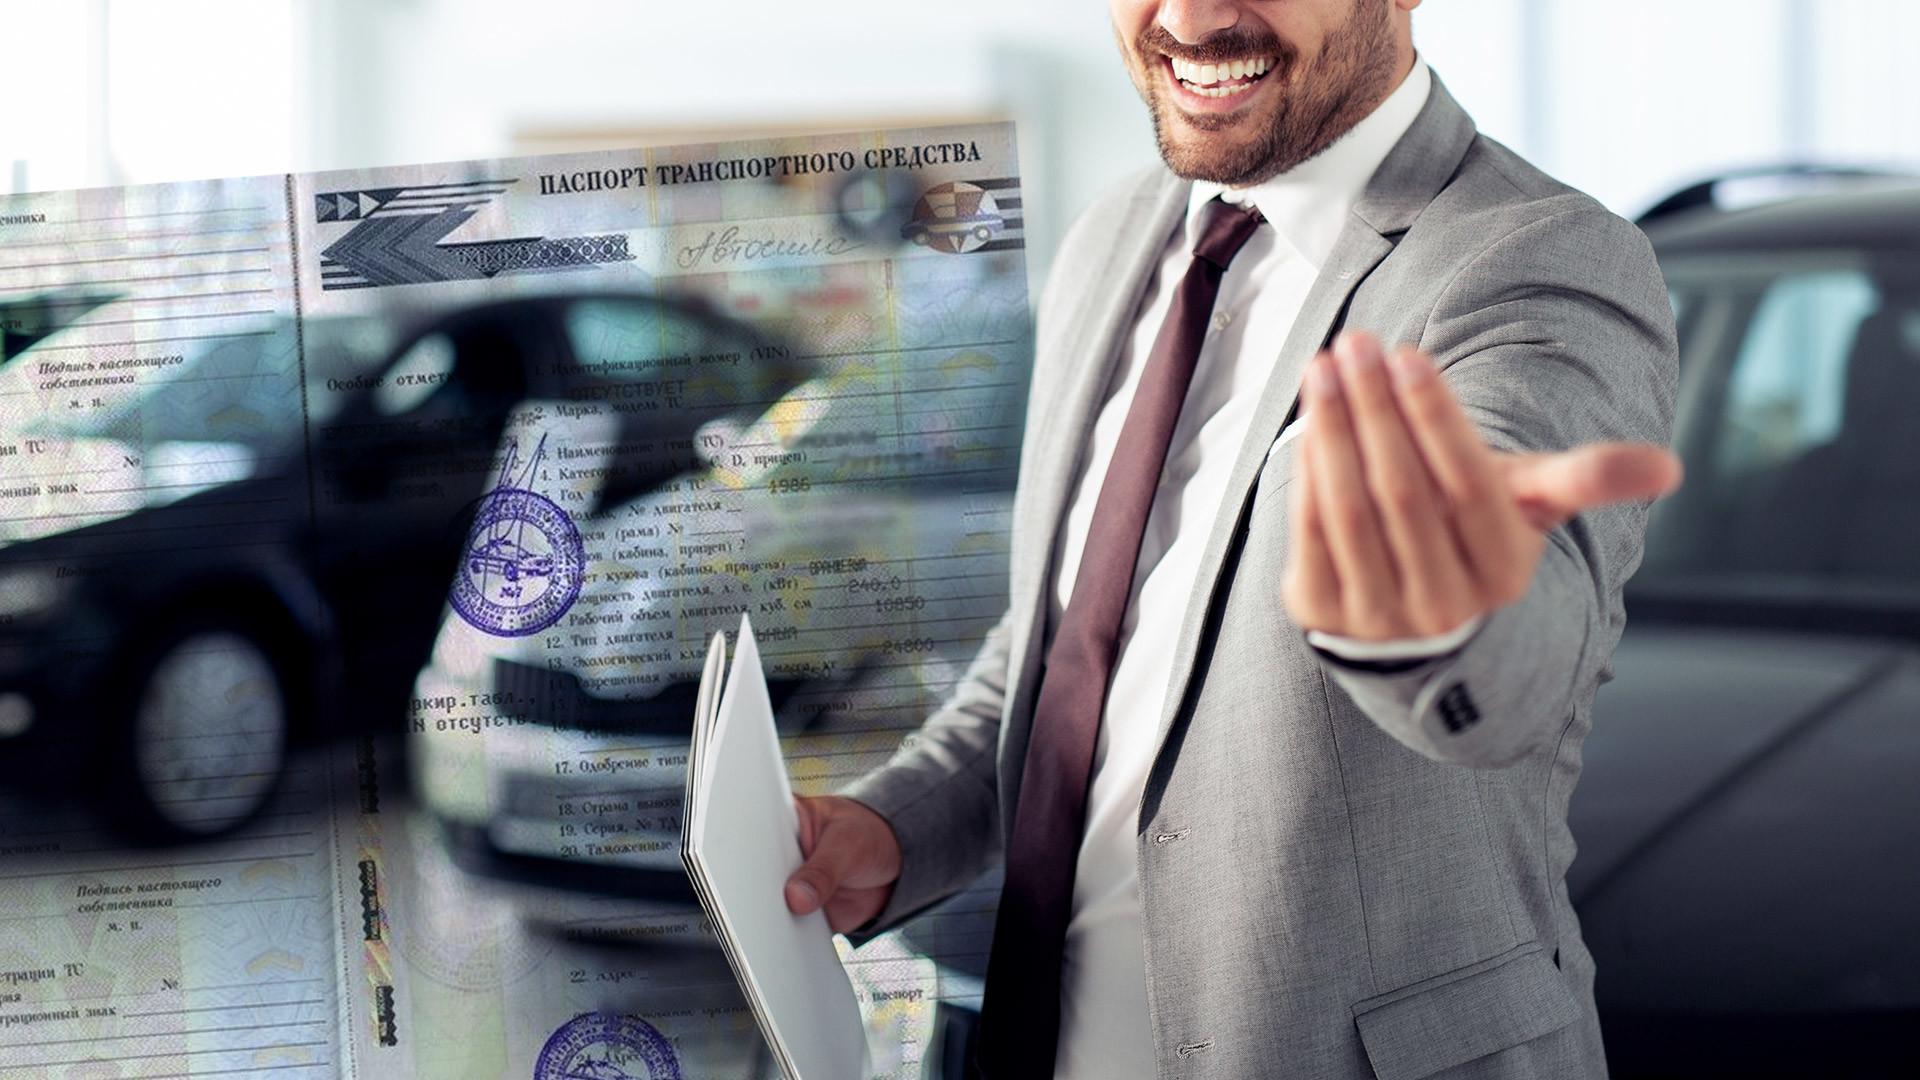 лизинг под залог авто кредитные каникулы восточный экспресс банк